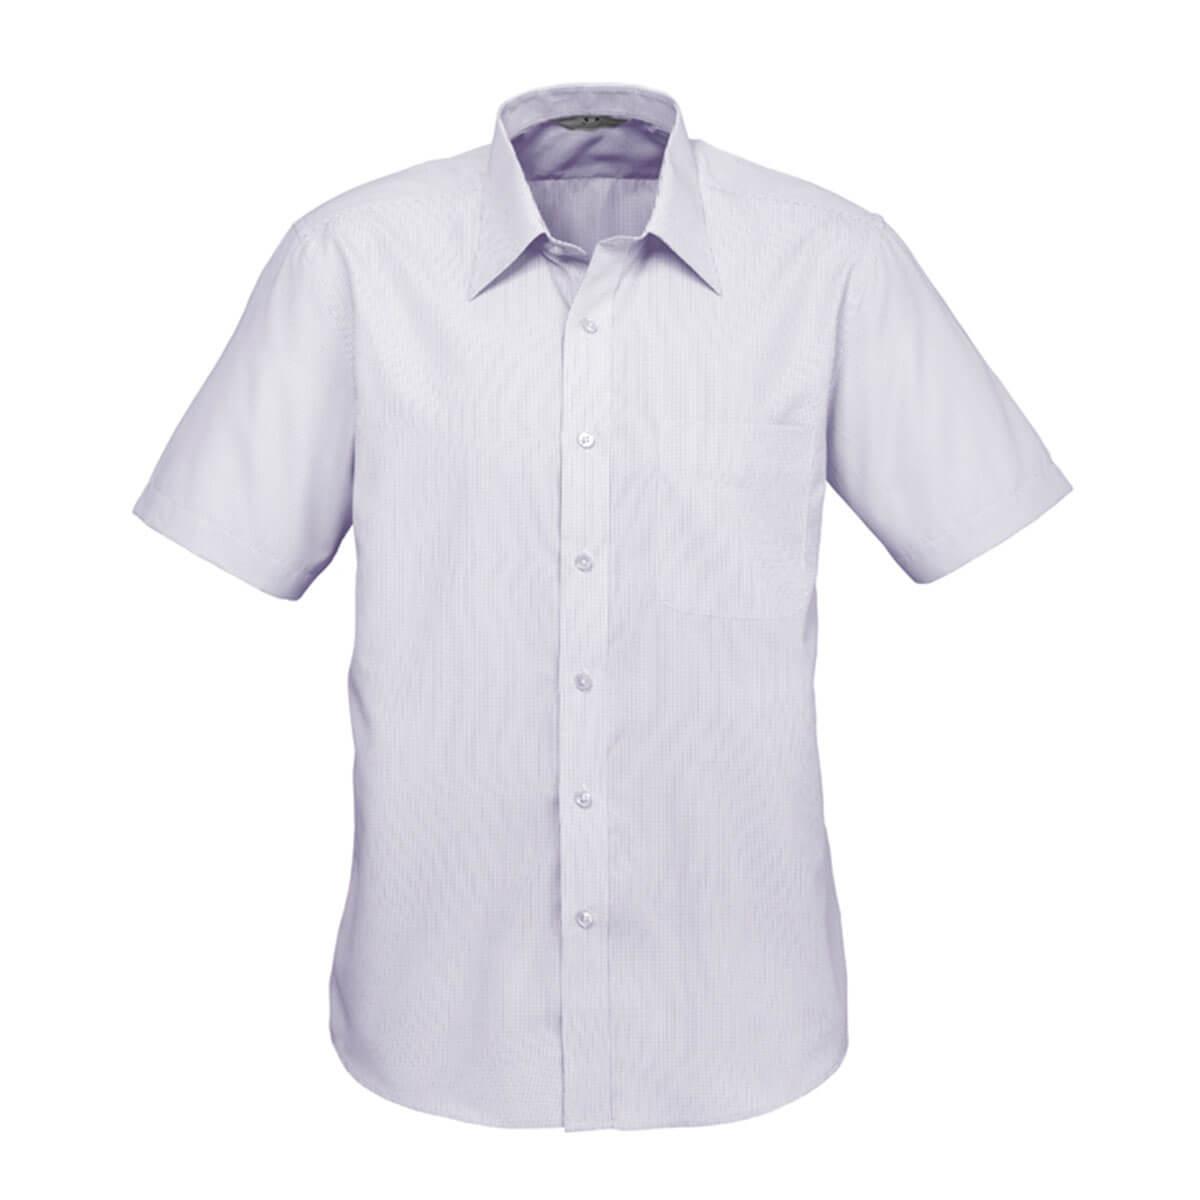 Mens Signature Short Sleeve Shirt-Grape